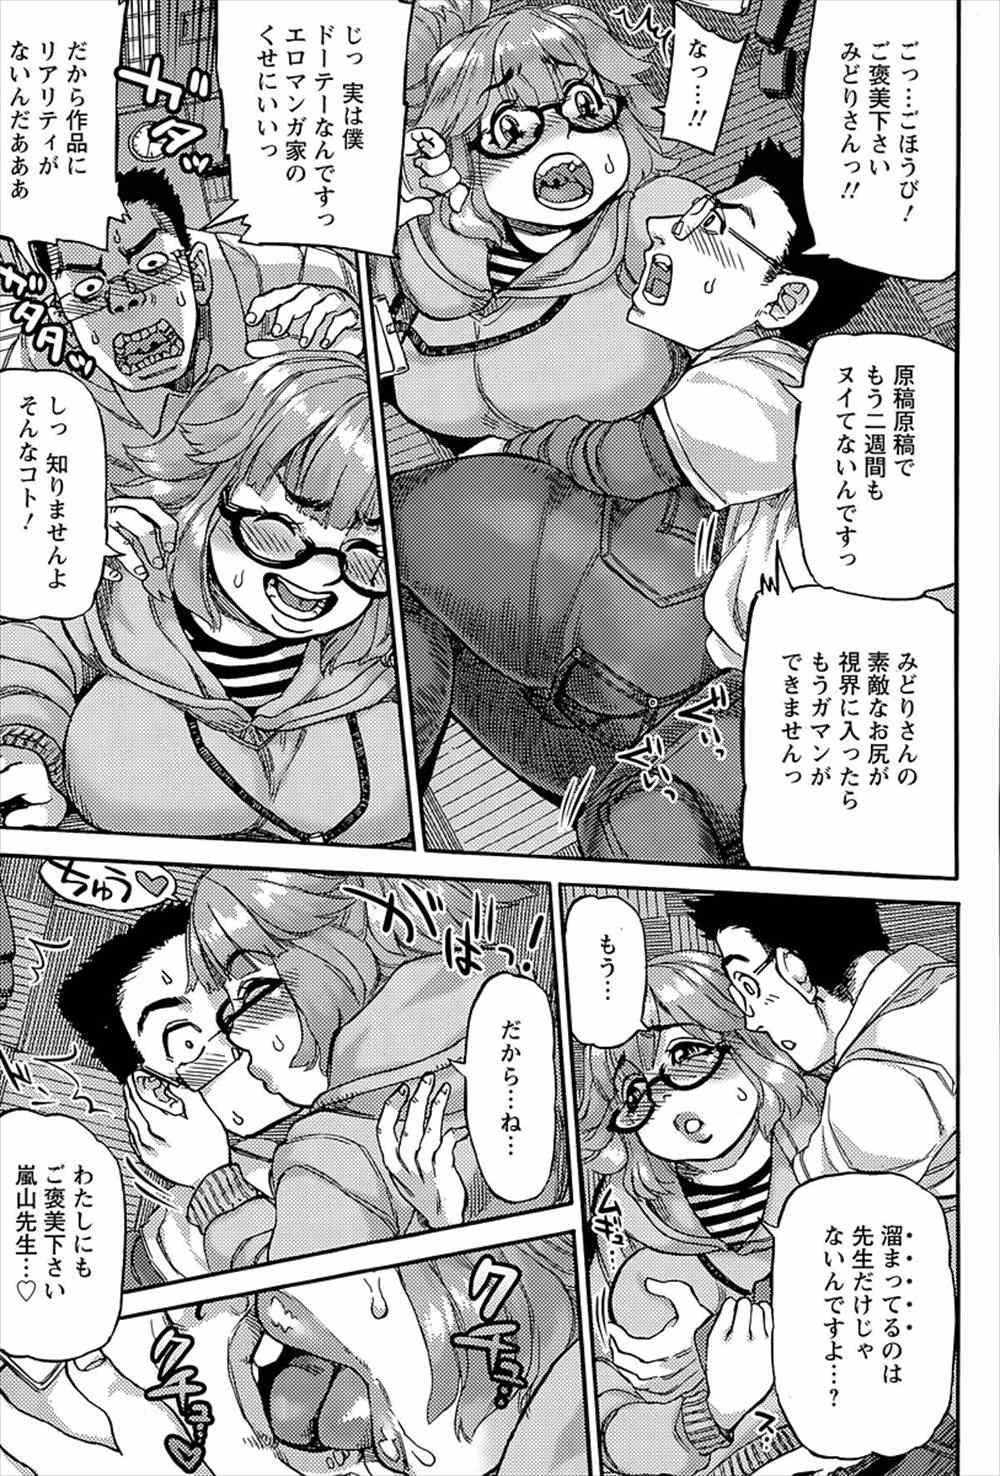 【エロ漫画】ムチムチの尻に修羅場明けの漫画家が欲情…フェラ抜きからアナルファックしちゃうww【雨山電信:みどりさんは敏腕奴隷】